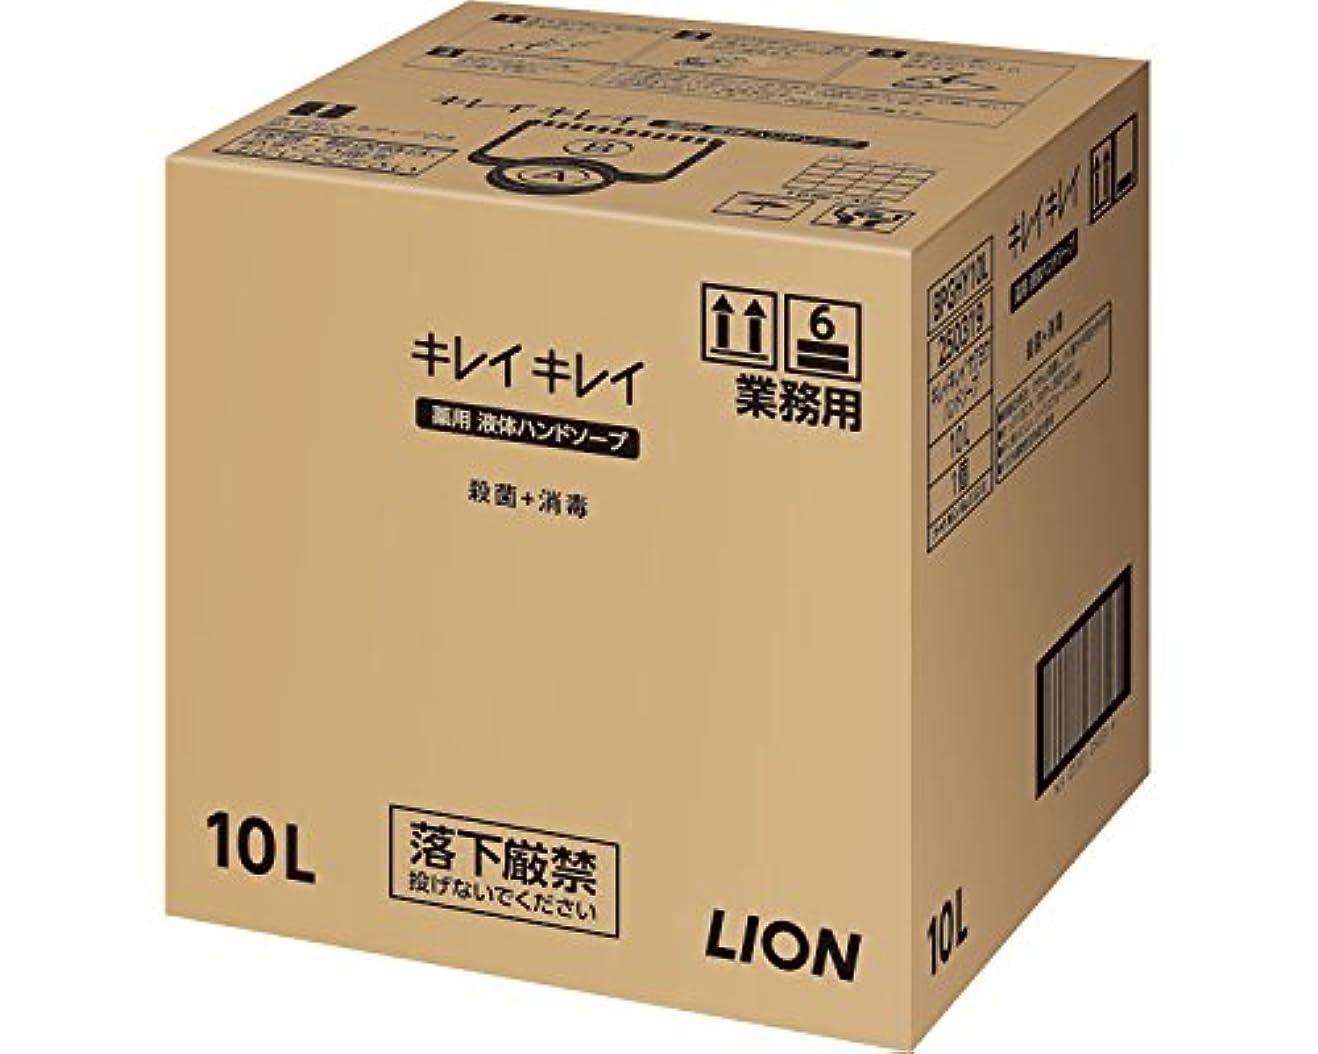 後者フォーラム十分ですキレイキレイ薬用ハンドソープ 10L (ライオンハイジーン) (清拭小物)